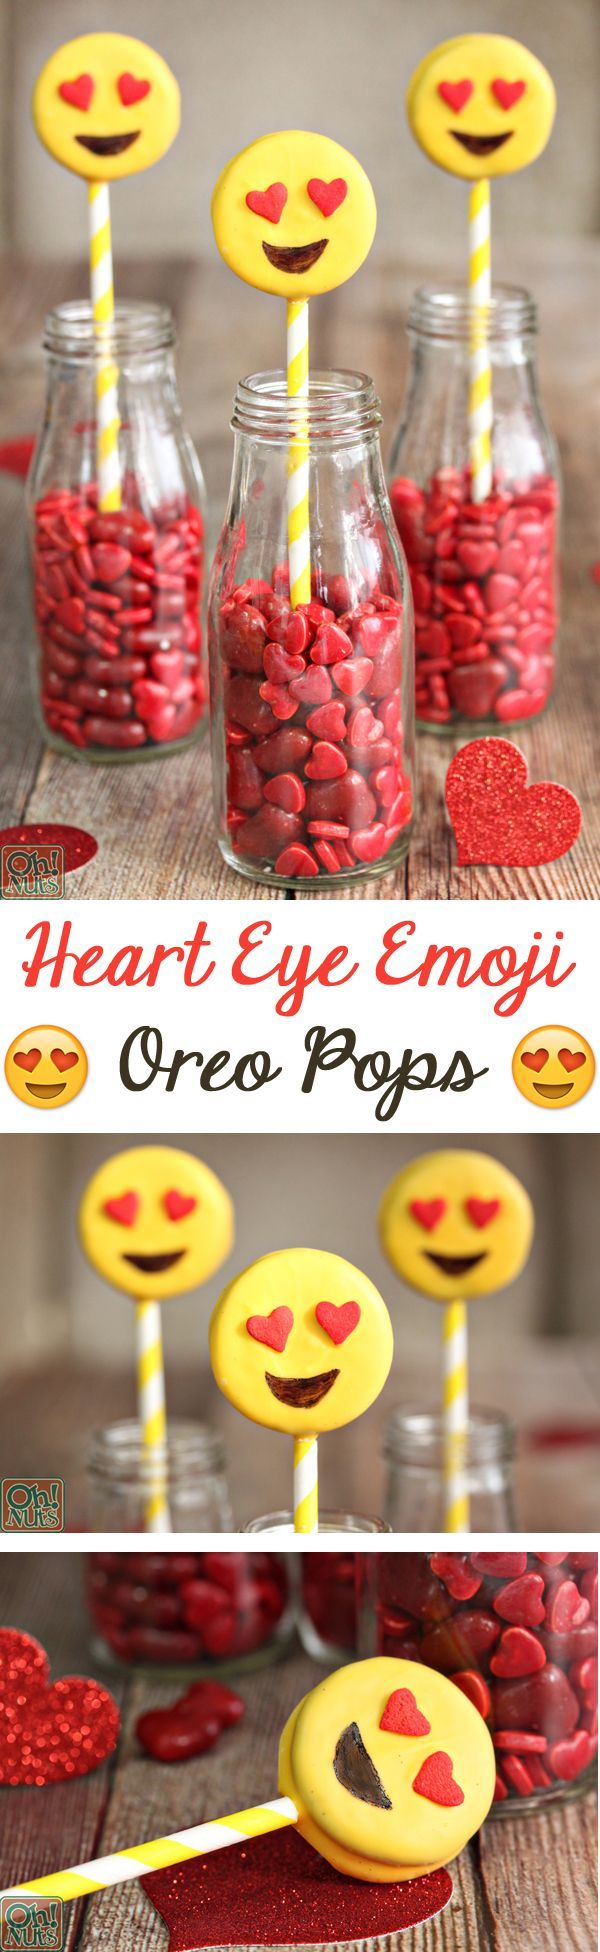 Caritas felices hechas con galletas oreo sobre de caramelos de corazones para amor y amistad, fabuloso como decoración y regalo. #DulcesAmorYAmistad